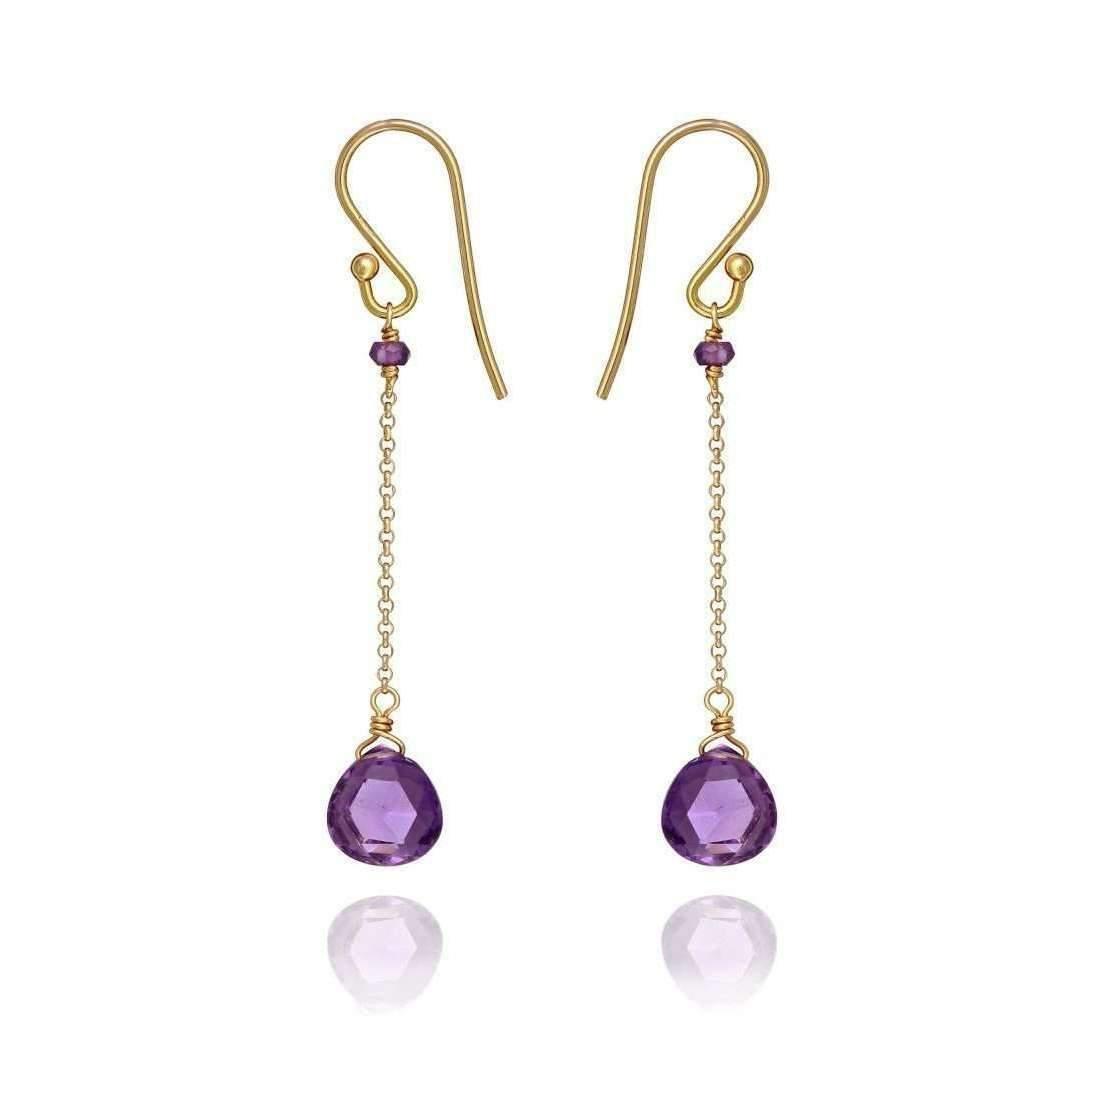 Perle de lune Drop Earrings With Amethyst Amethyst 18kt Gold RRfLwUd9l